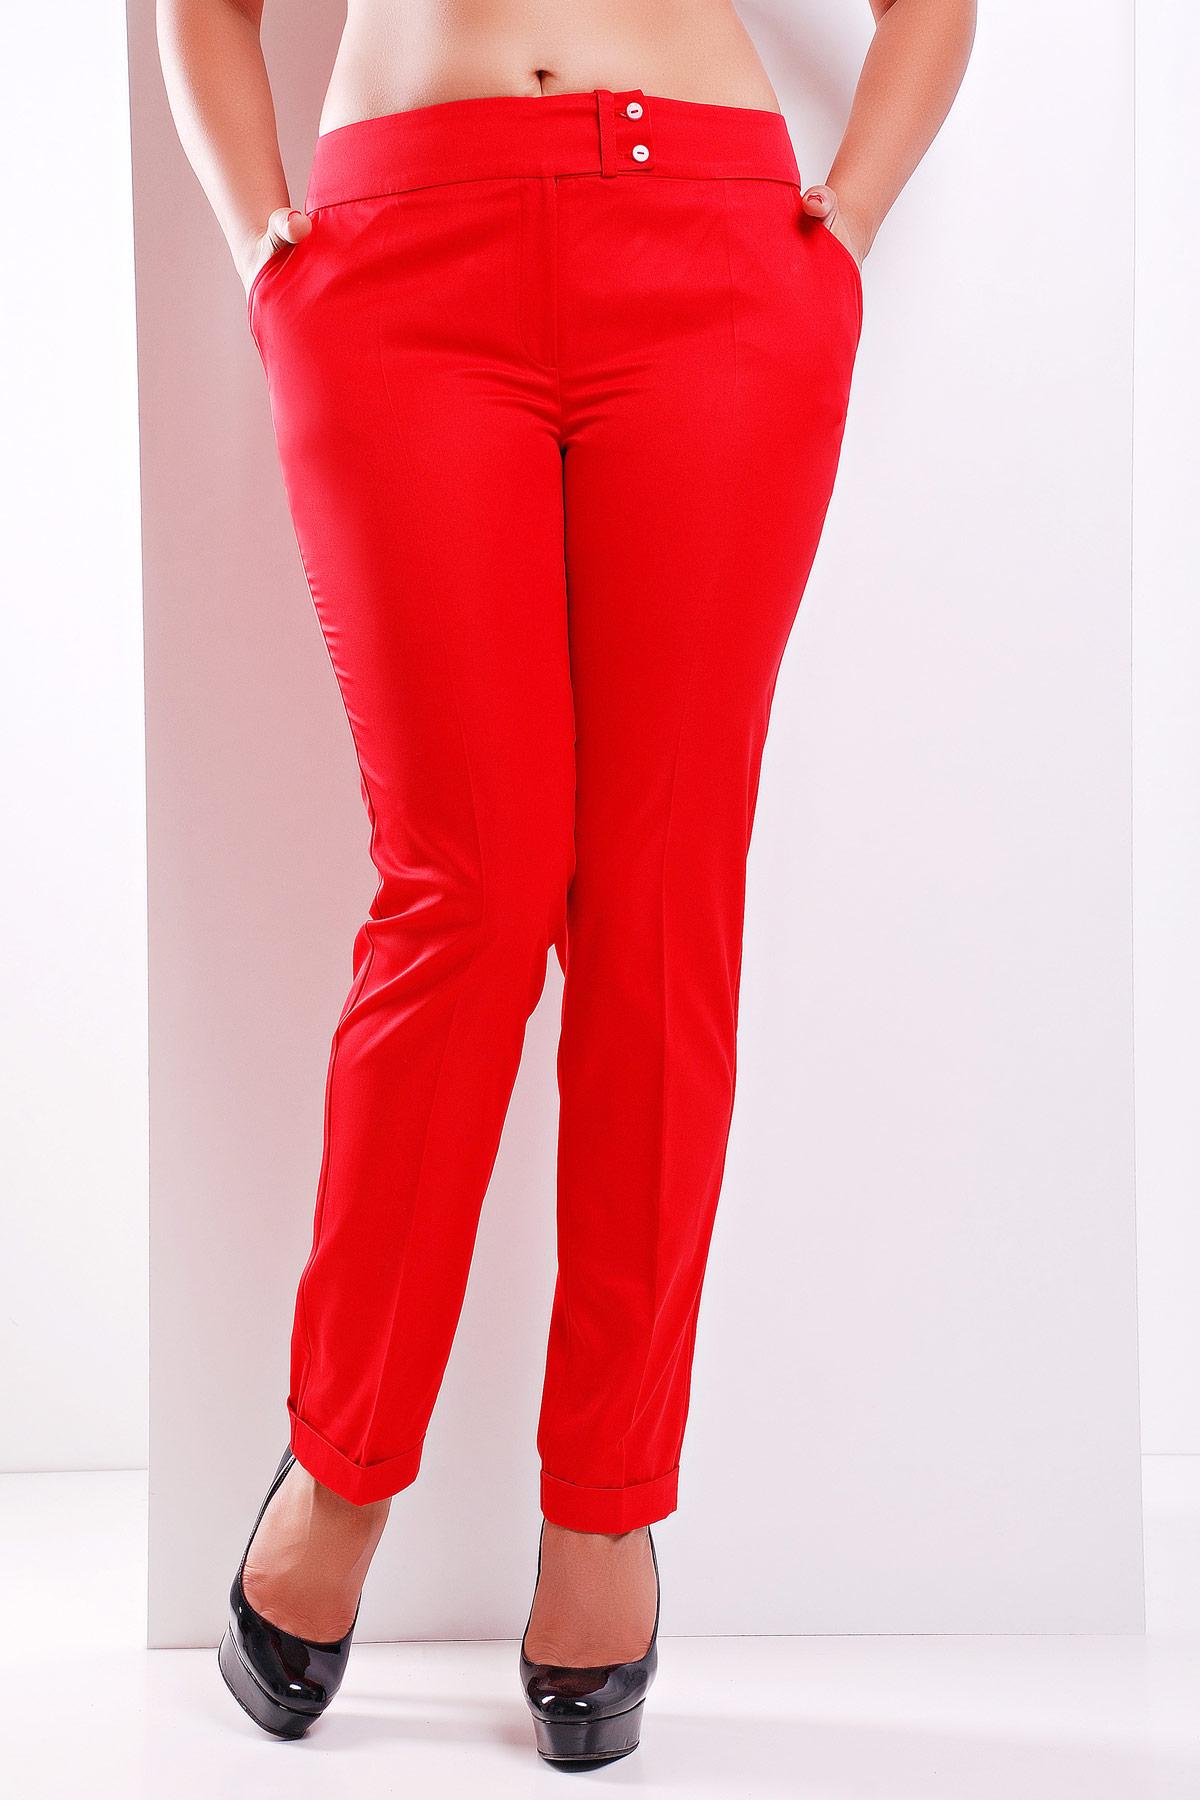 женские белые классические брюки большого размера. брюки Хилори-Б. Цвет: красный